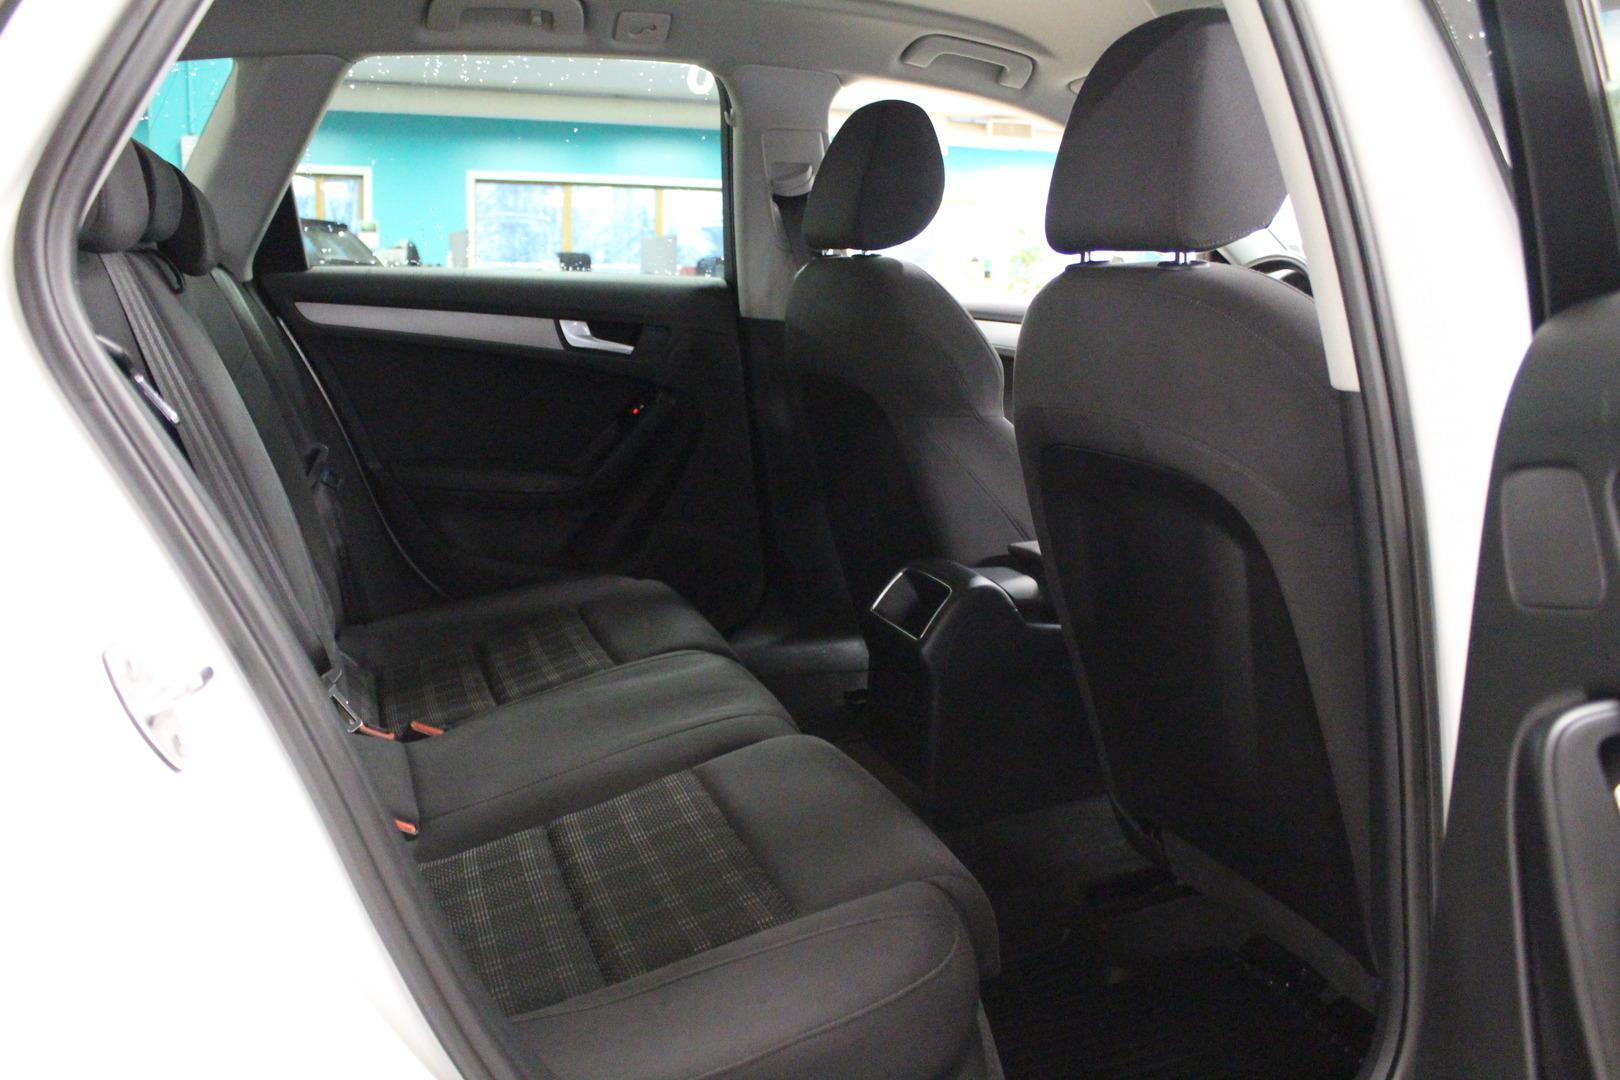 Audi A4, Avant Business 1,8 TFSI 125 kW #Sporttipenkit #Suomi-auto #Huippusiisti